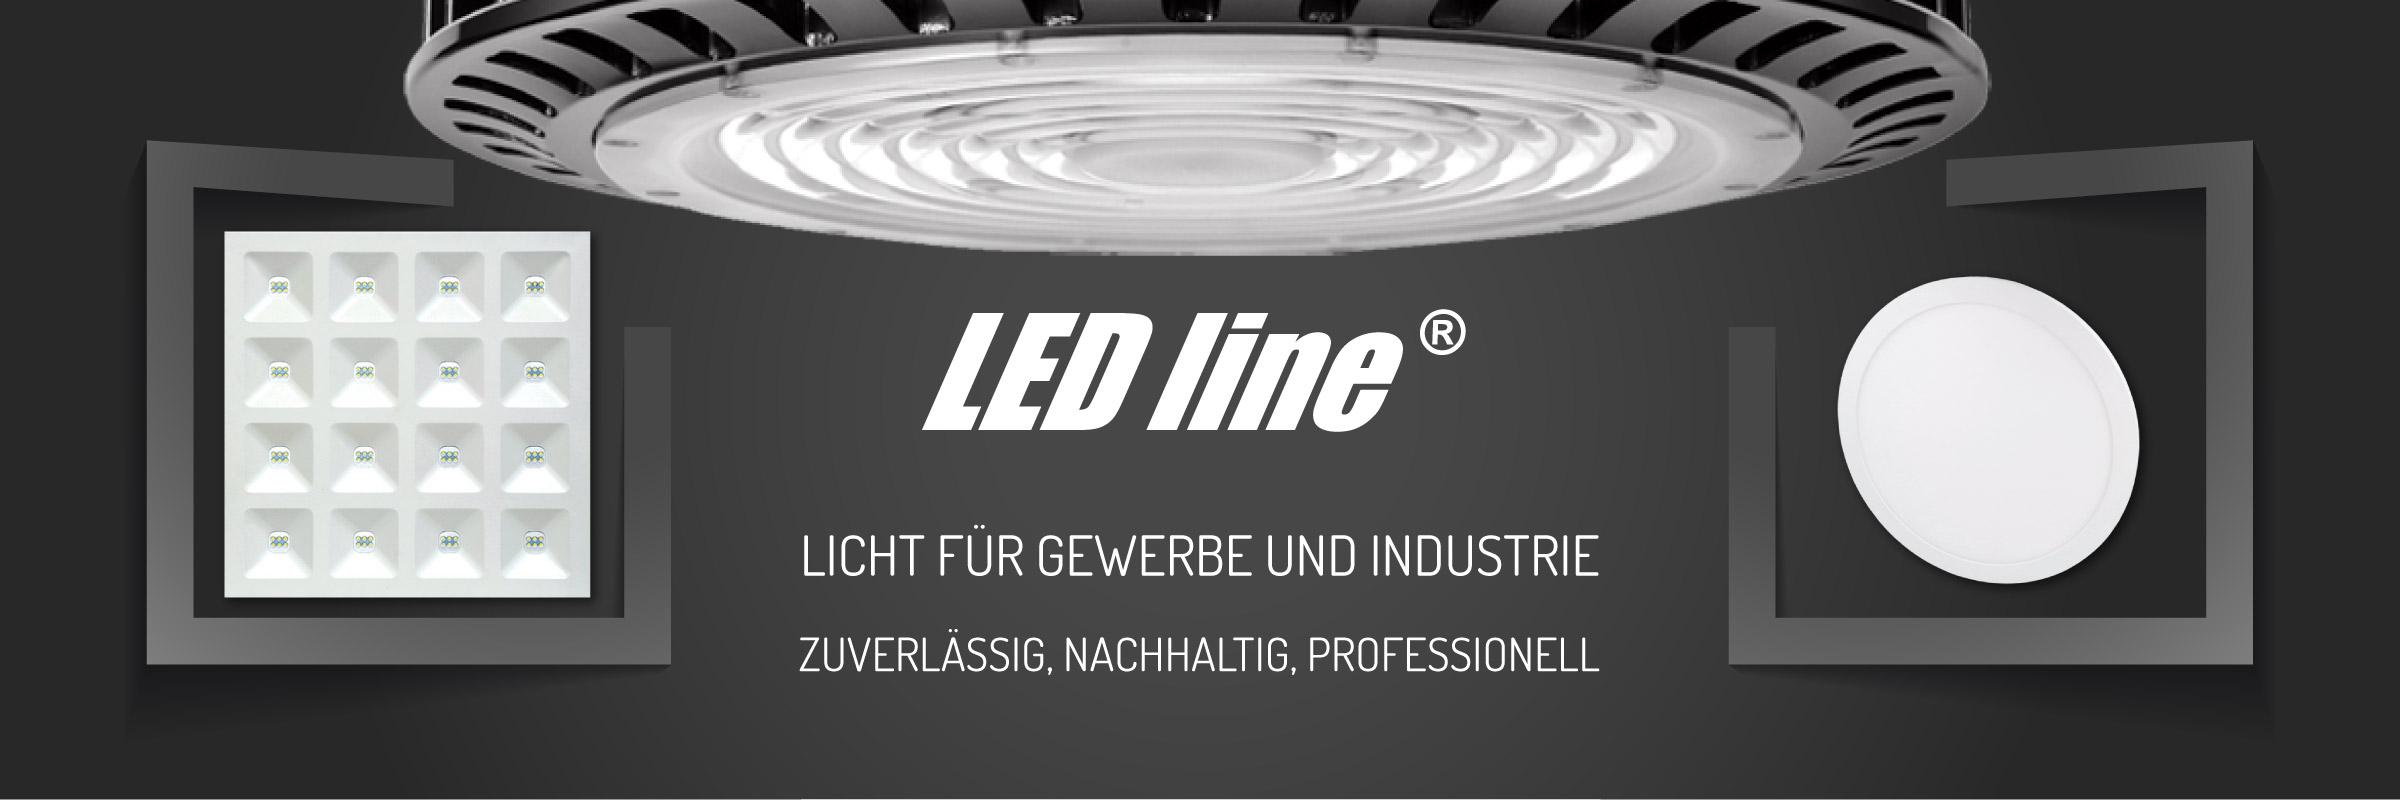 Ledline LED Beleuchtung für Gewerbe unnd Industrie